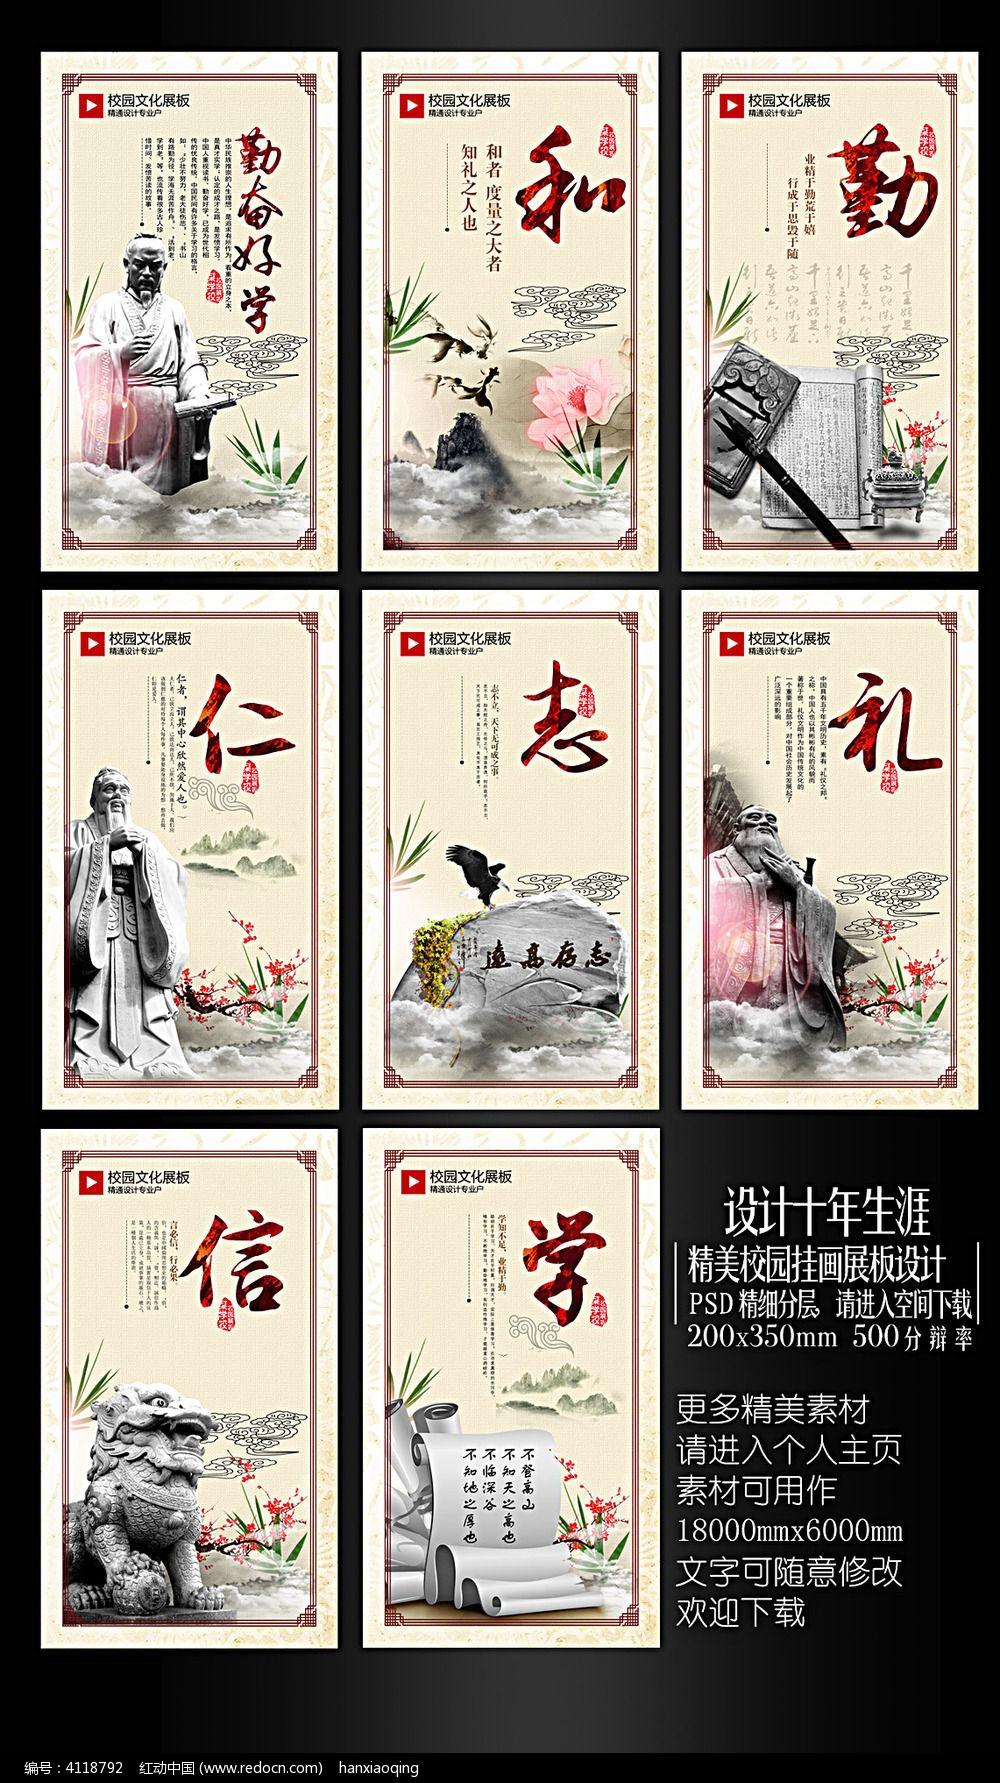 中国风校园道德文化挂画图片